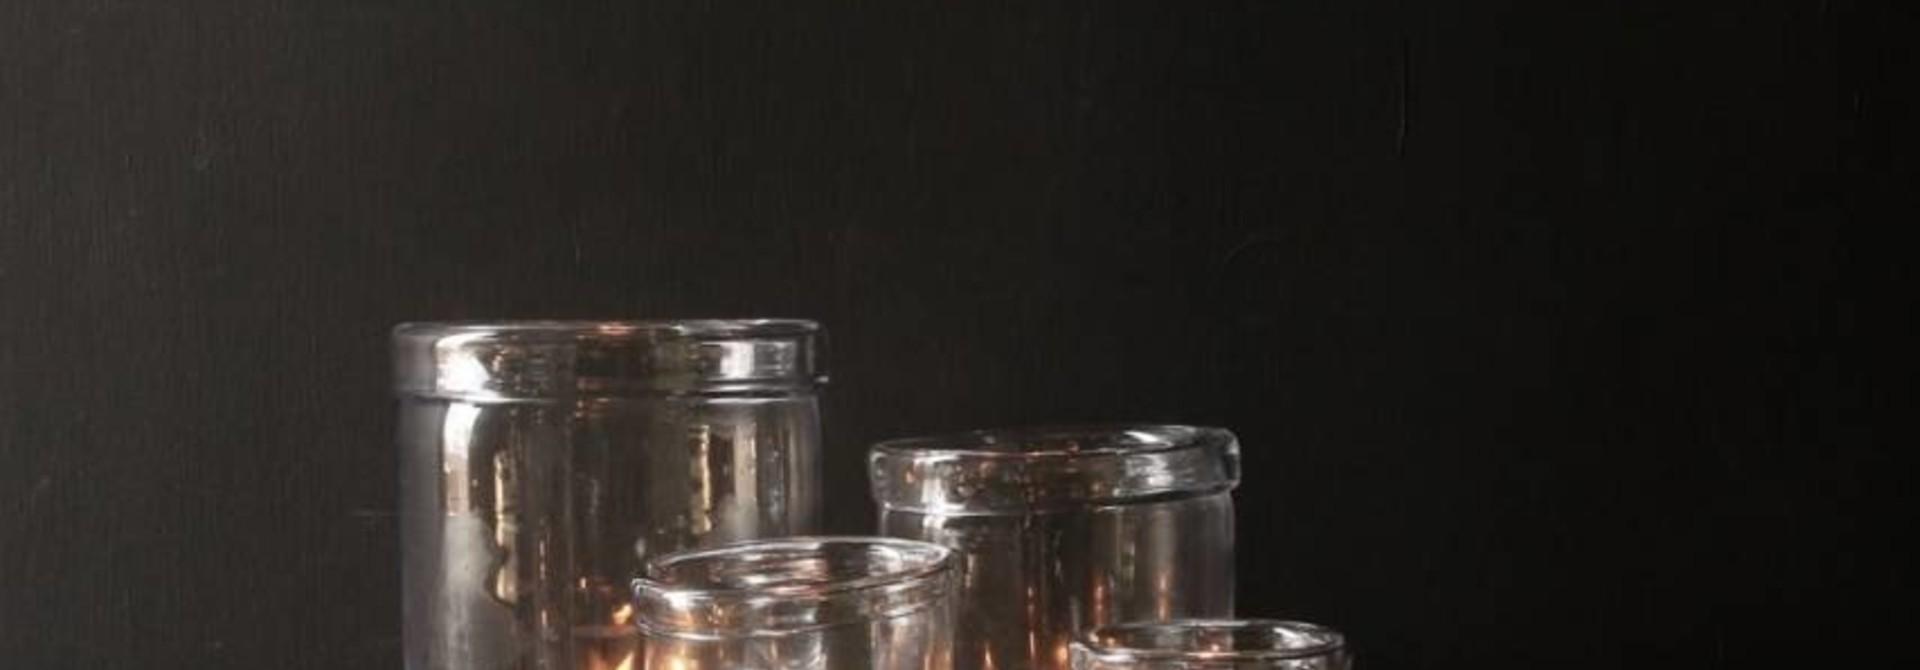 Glas Windlicht mit umgebogener Kante (handgefertigt)